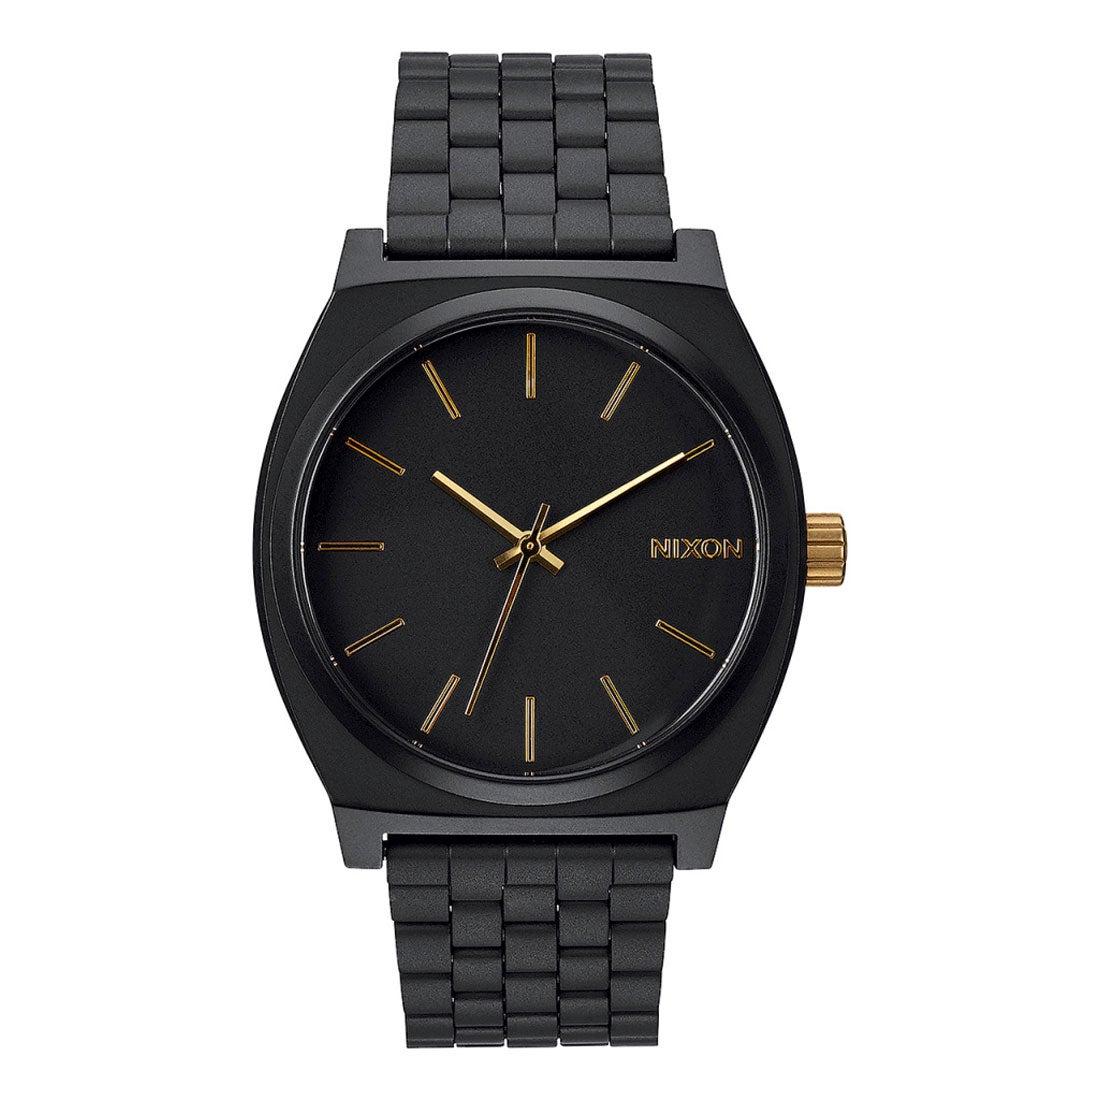 ロコンド 靴とファッションの通販サイトニクソン NIXON Time Teller (Matte Black / Gold)